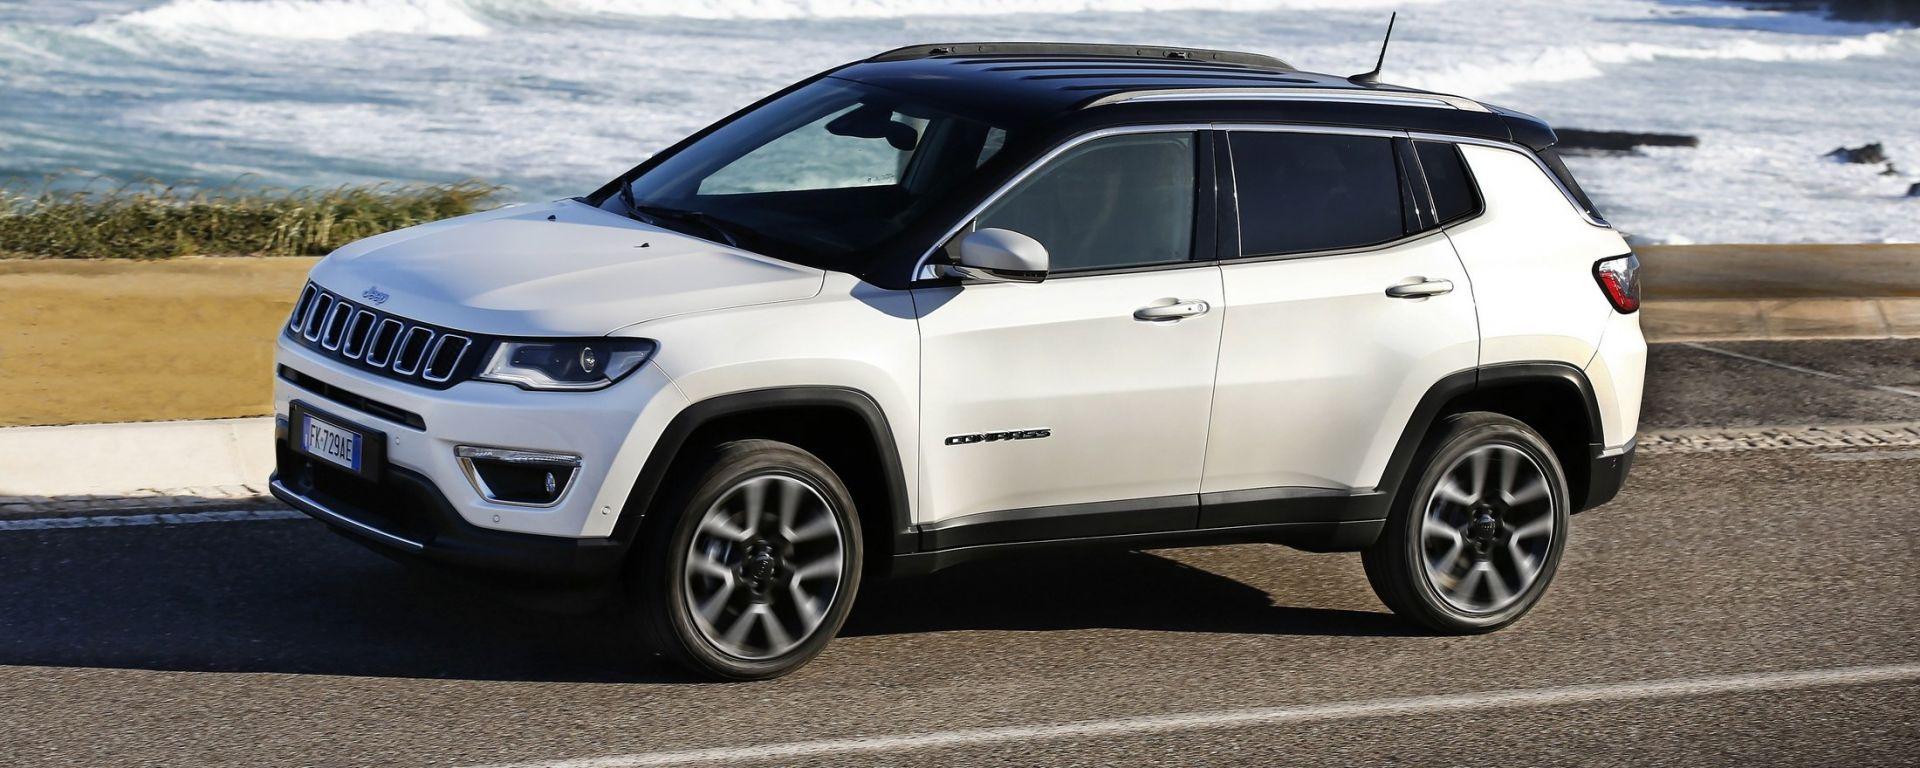 Jeep Grand Cherokee White 2017 >> La prova su strada della nuova Jeep Compass - MotorBox